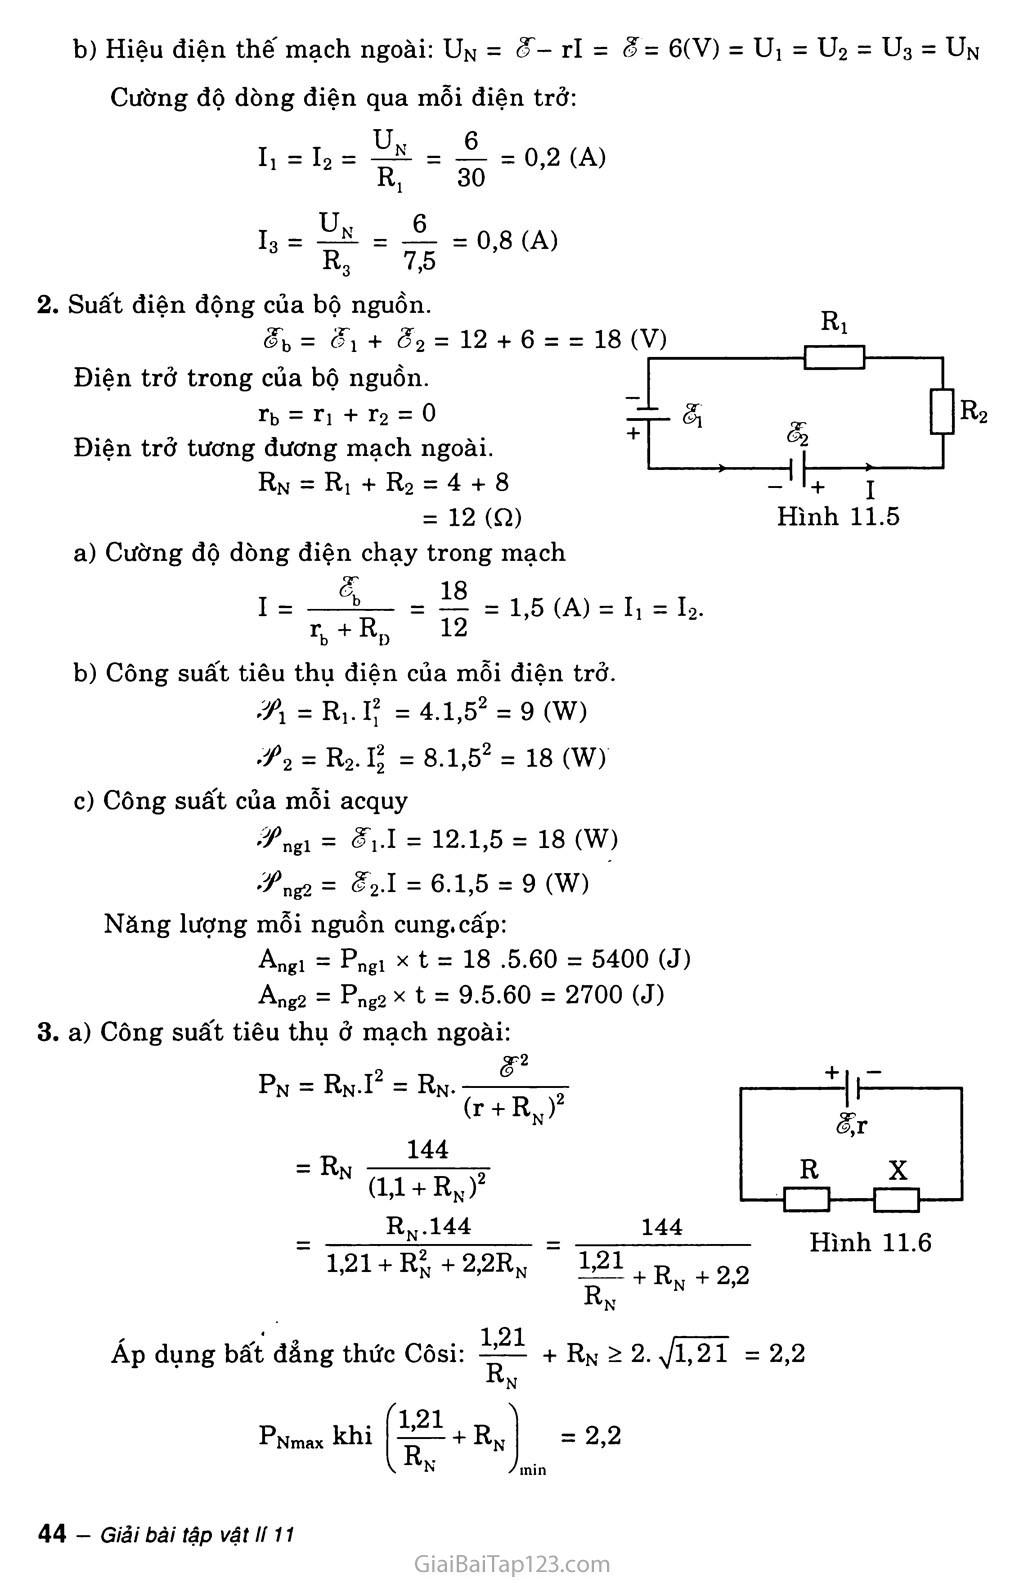 Bài 11: Phương pháp giải một số bài toán về toàn mạch trang 5